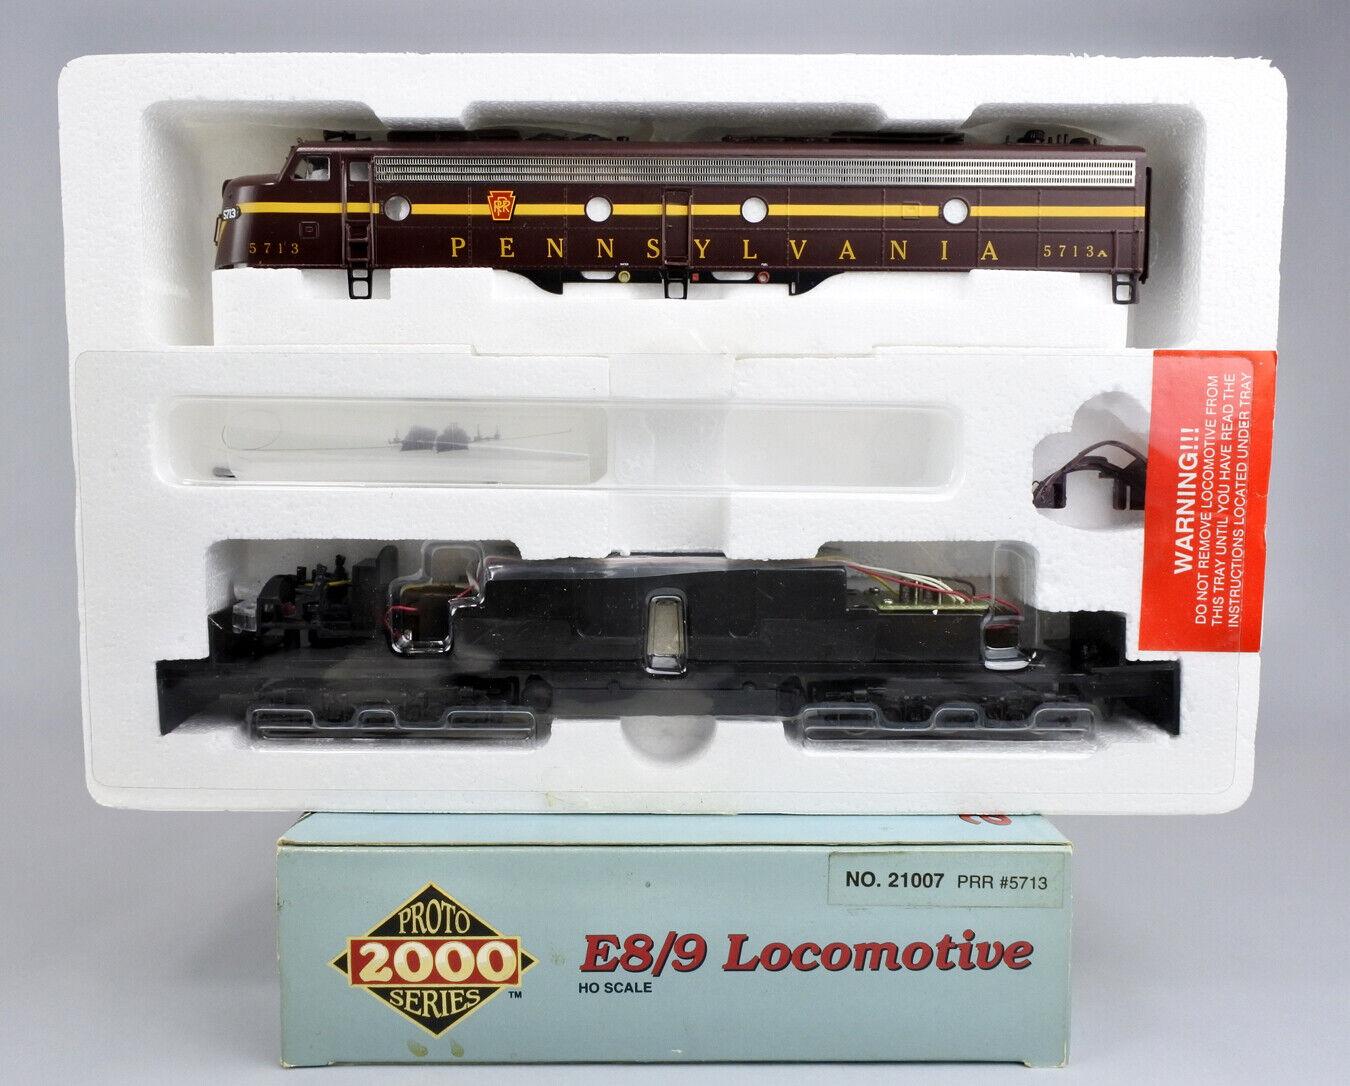 Projoo 2000 HO Scale 21007 Pennsylvania E8 9 Diesel Motor  5713